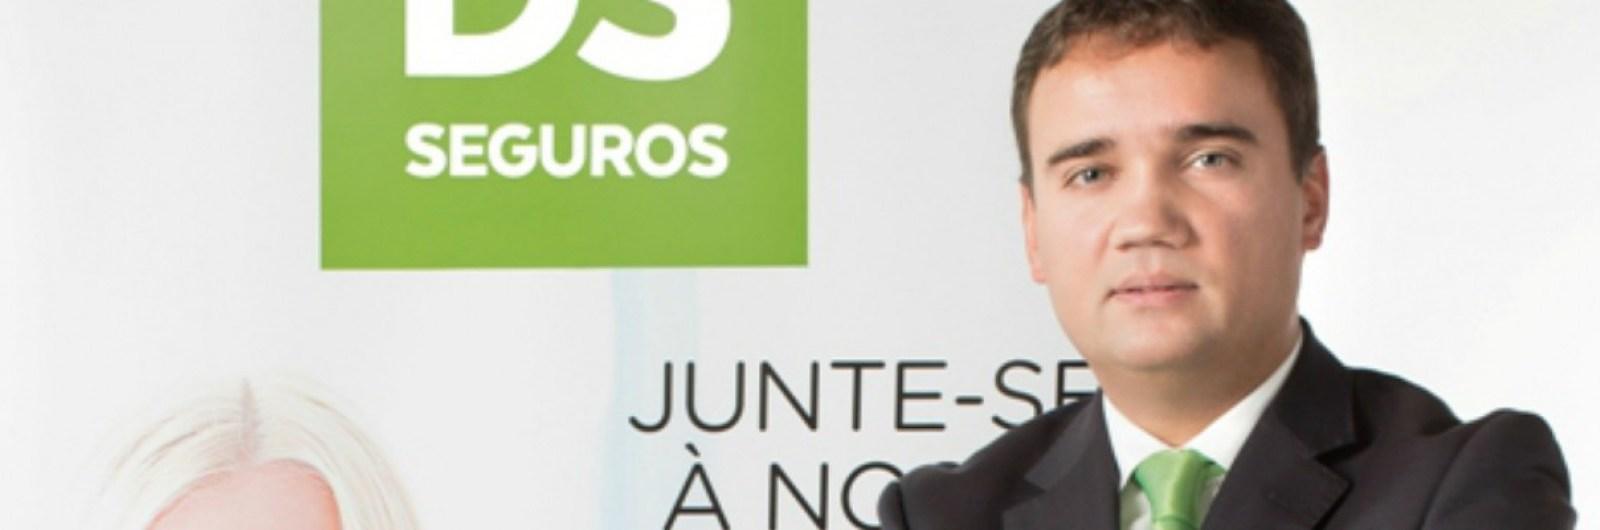 4 perguntas a Luís Tavares, diretor coordenador nacional da DS Seguros